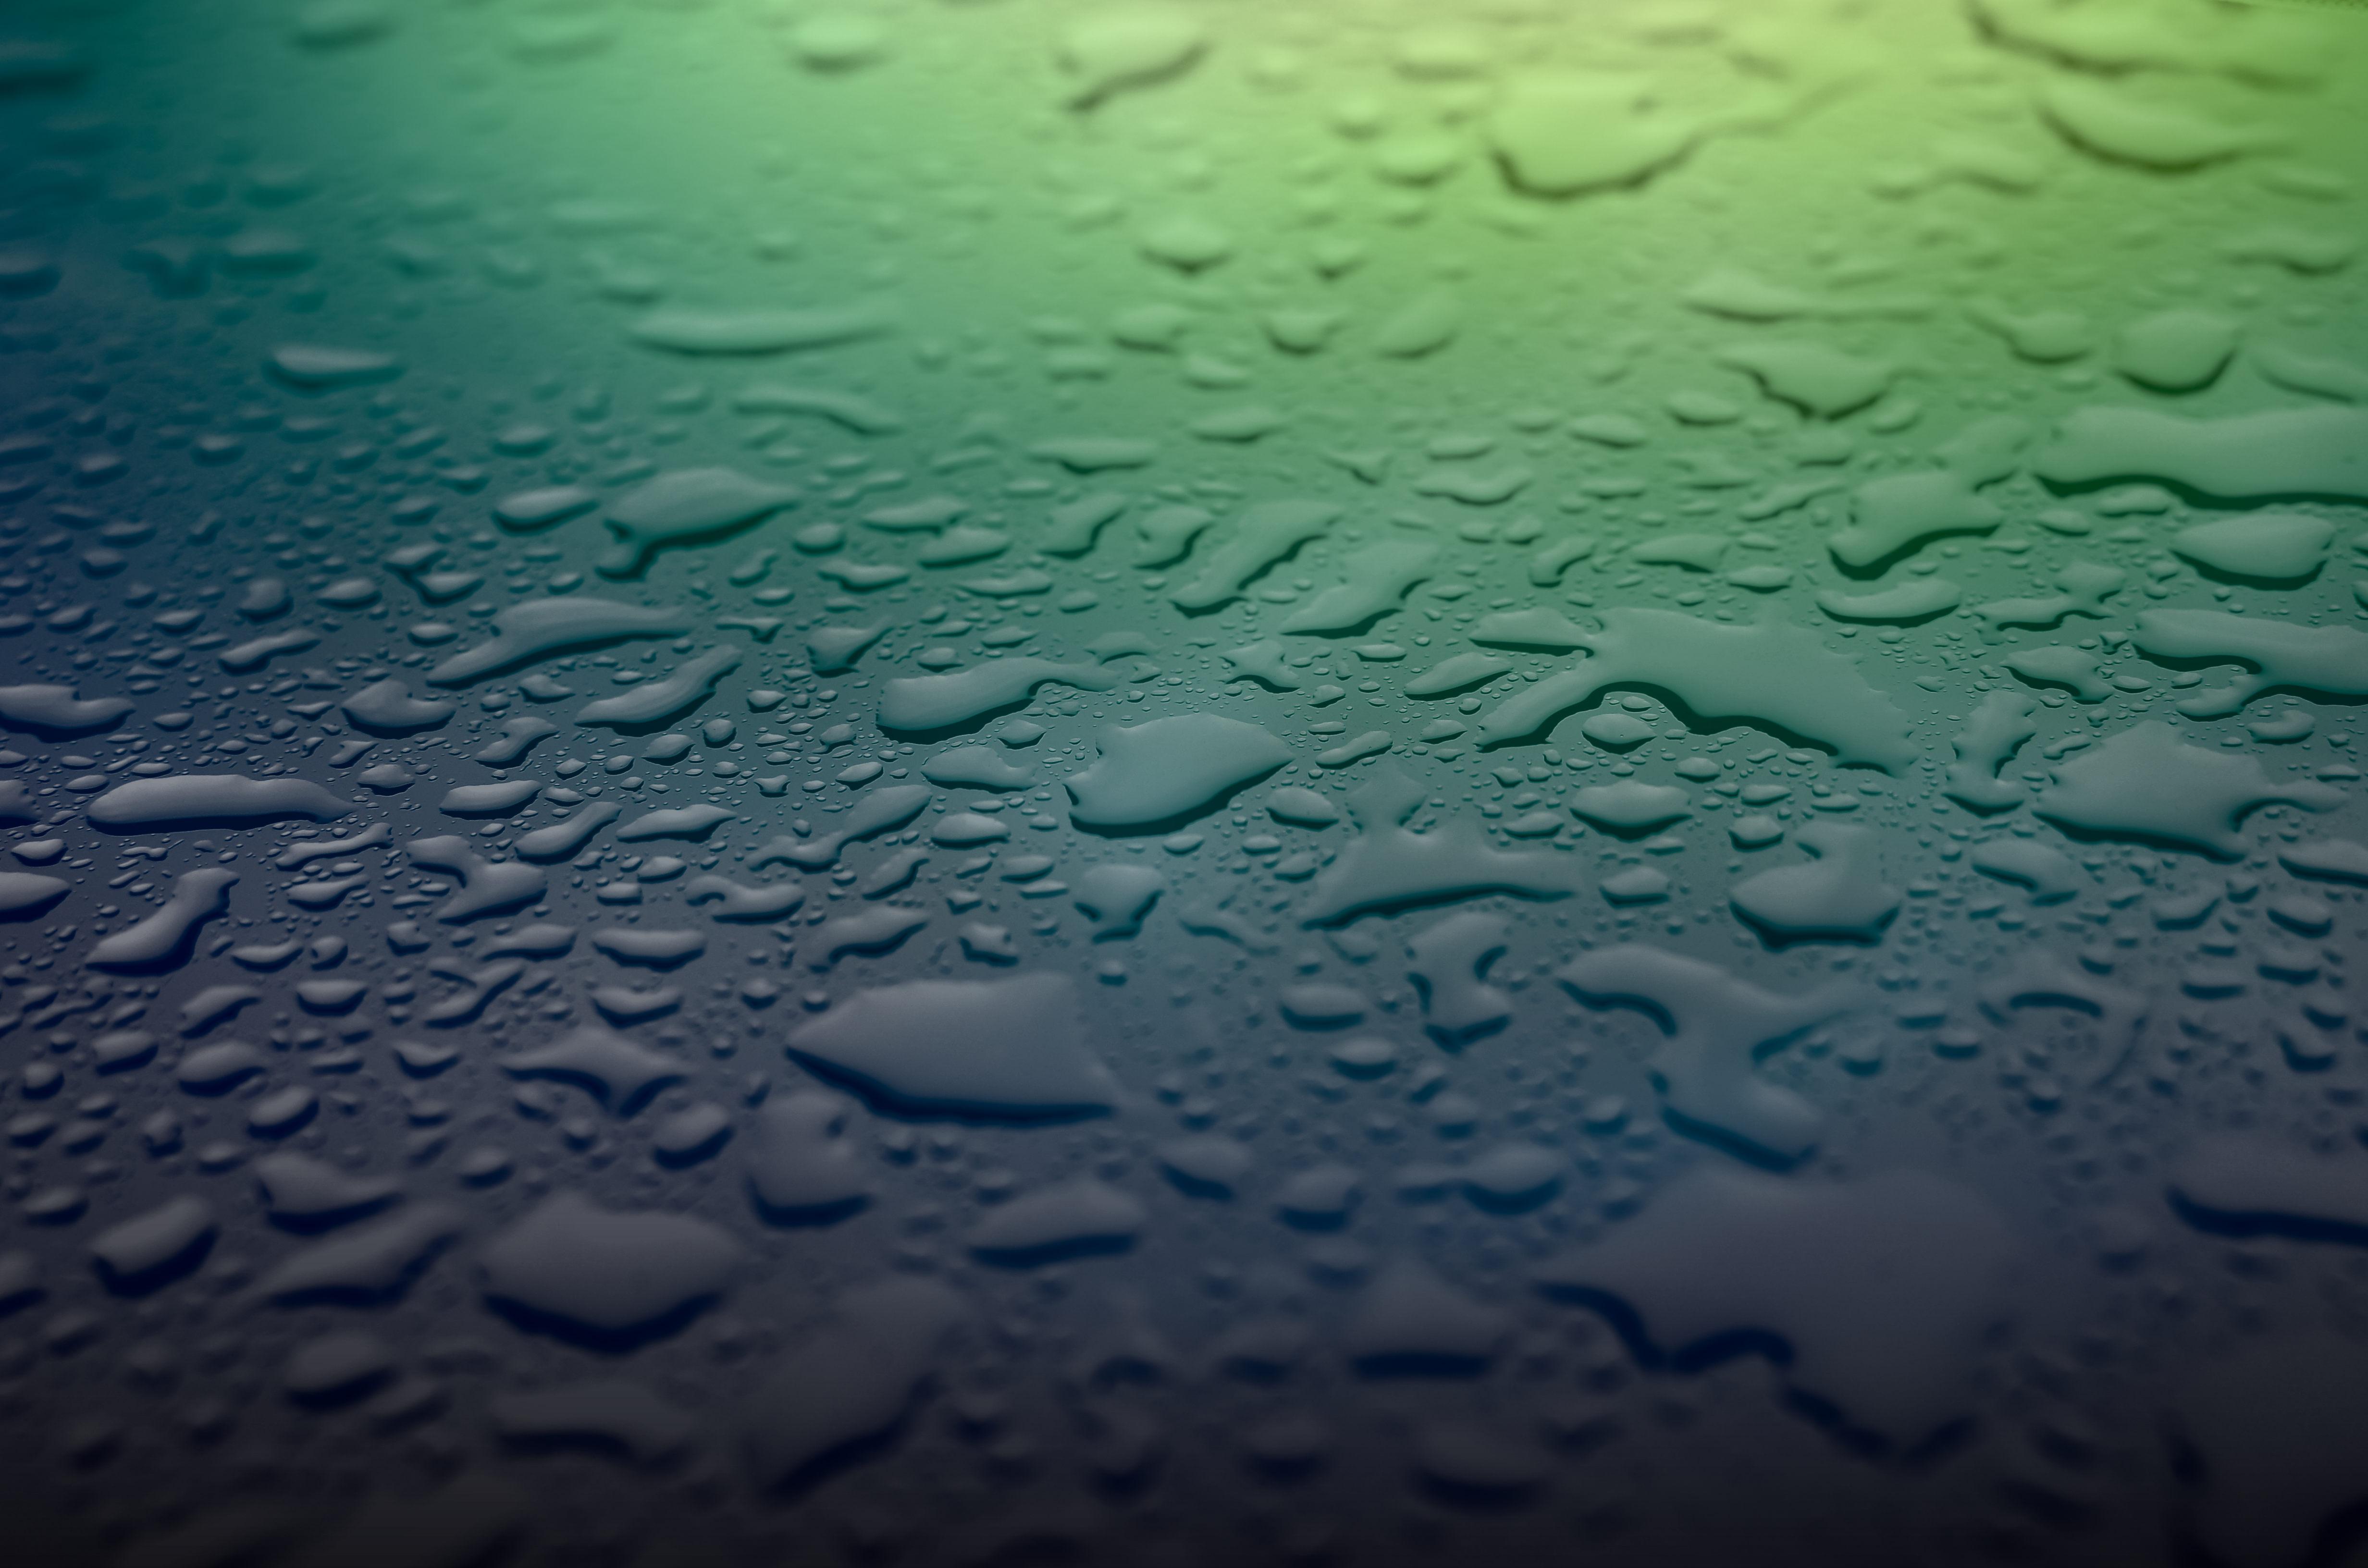 9.0/trisquel-wallpapers/data/usr/share/backgrounds/flidas-green.jpg